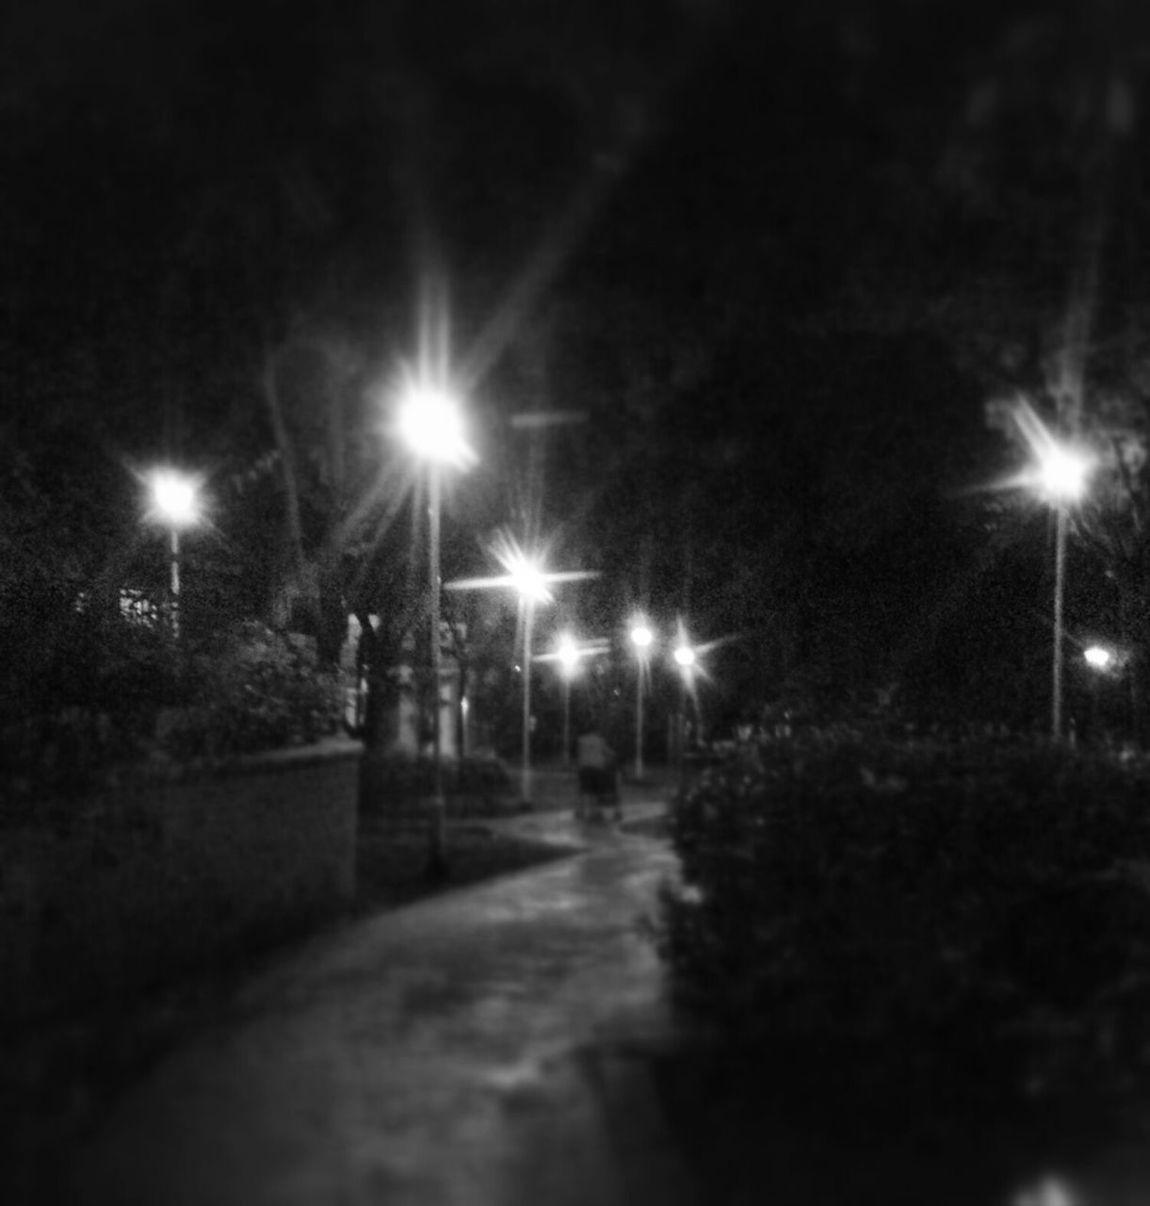 Night falls....sparking street lights.